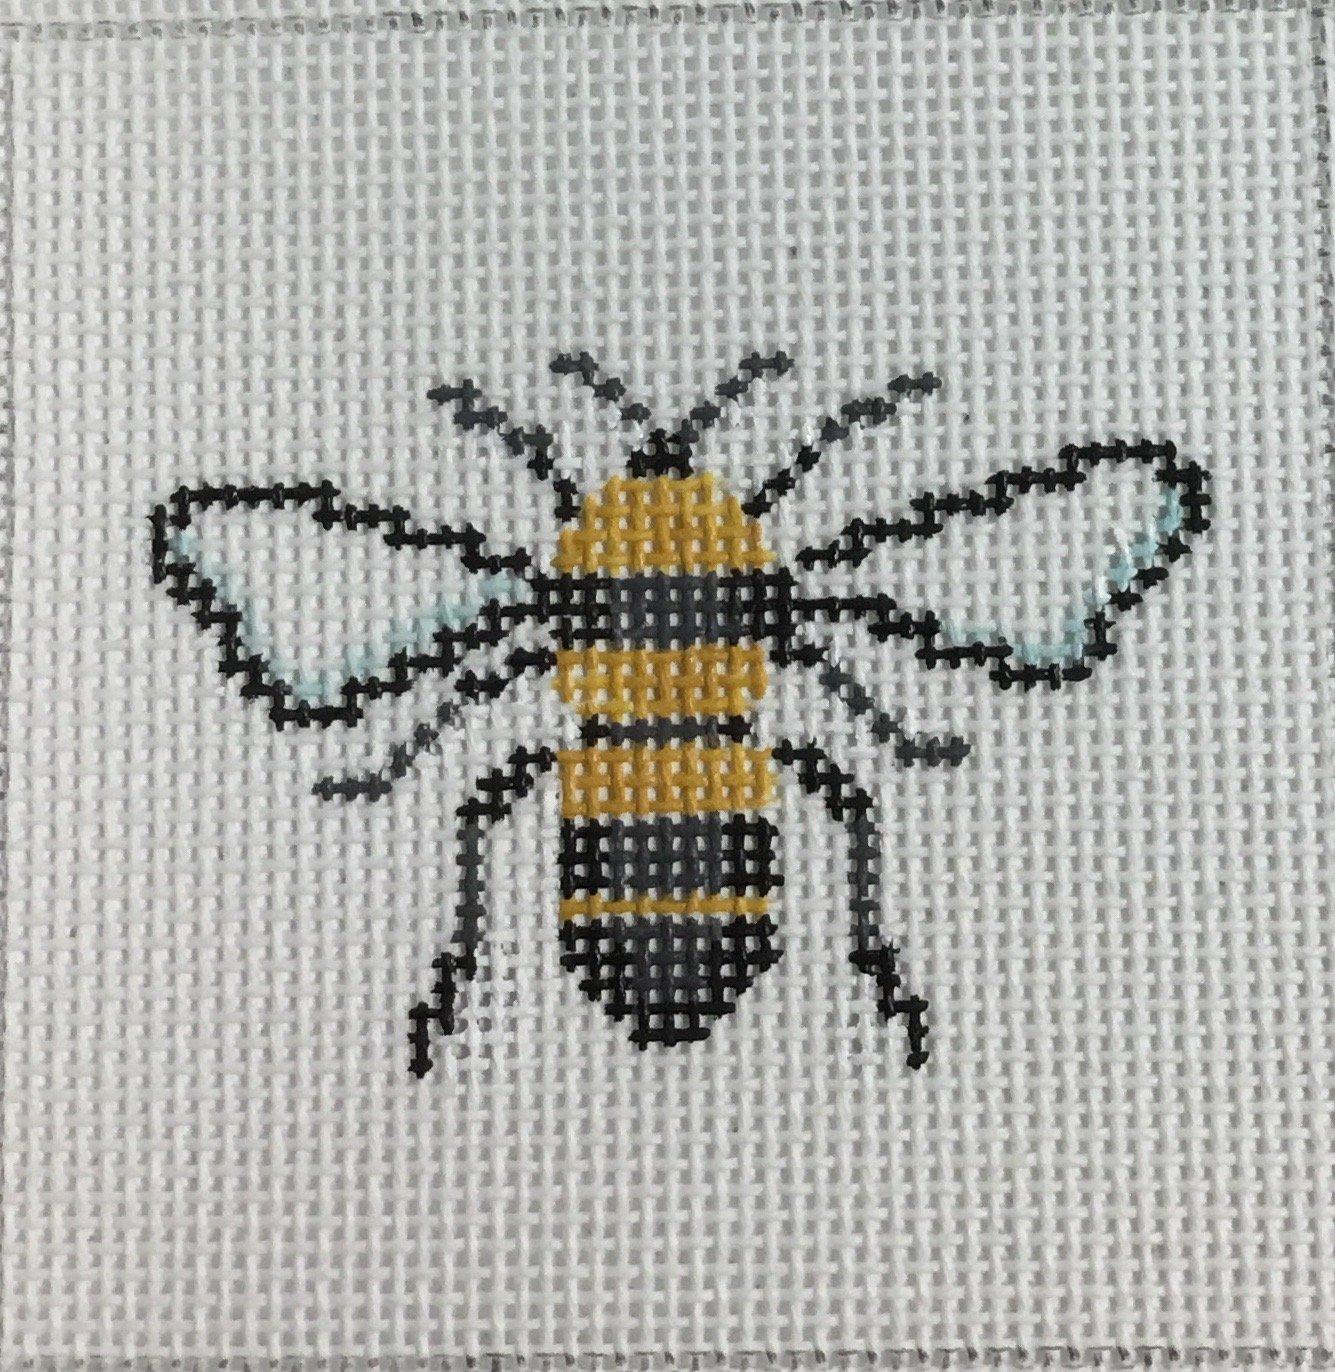 Bee Insert Canvas, 18M, 3x3